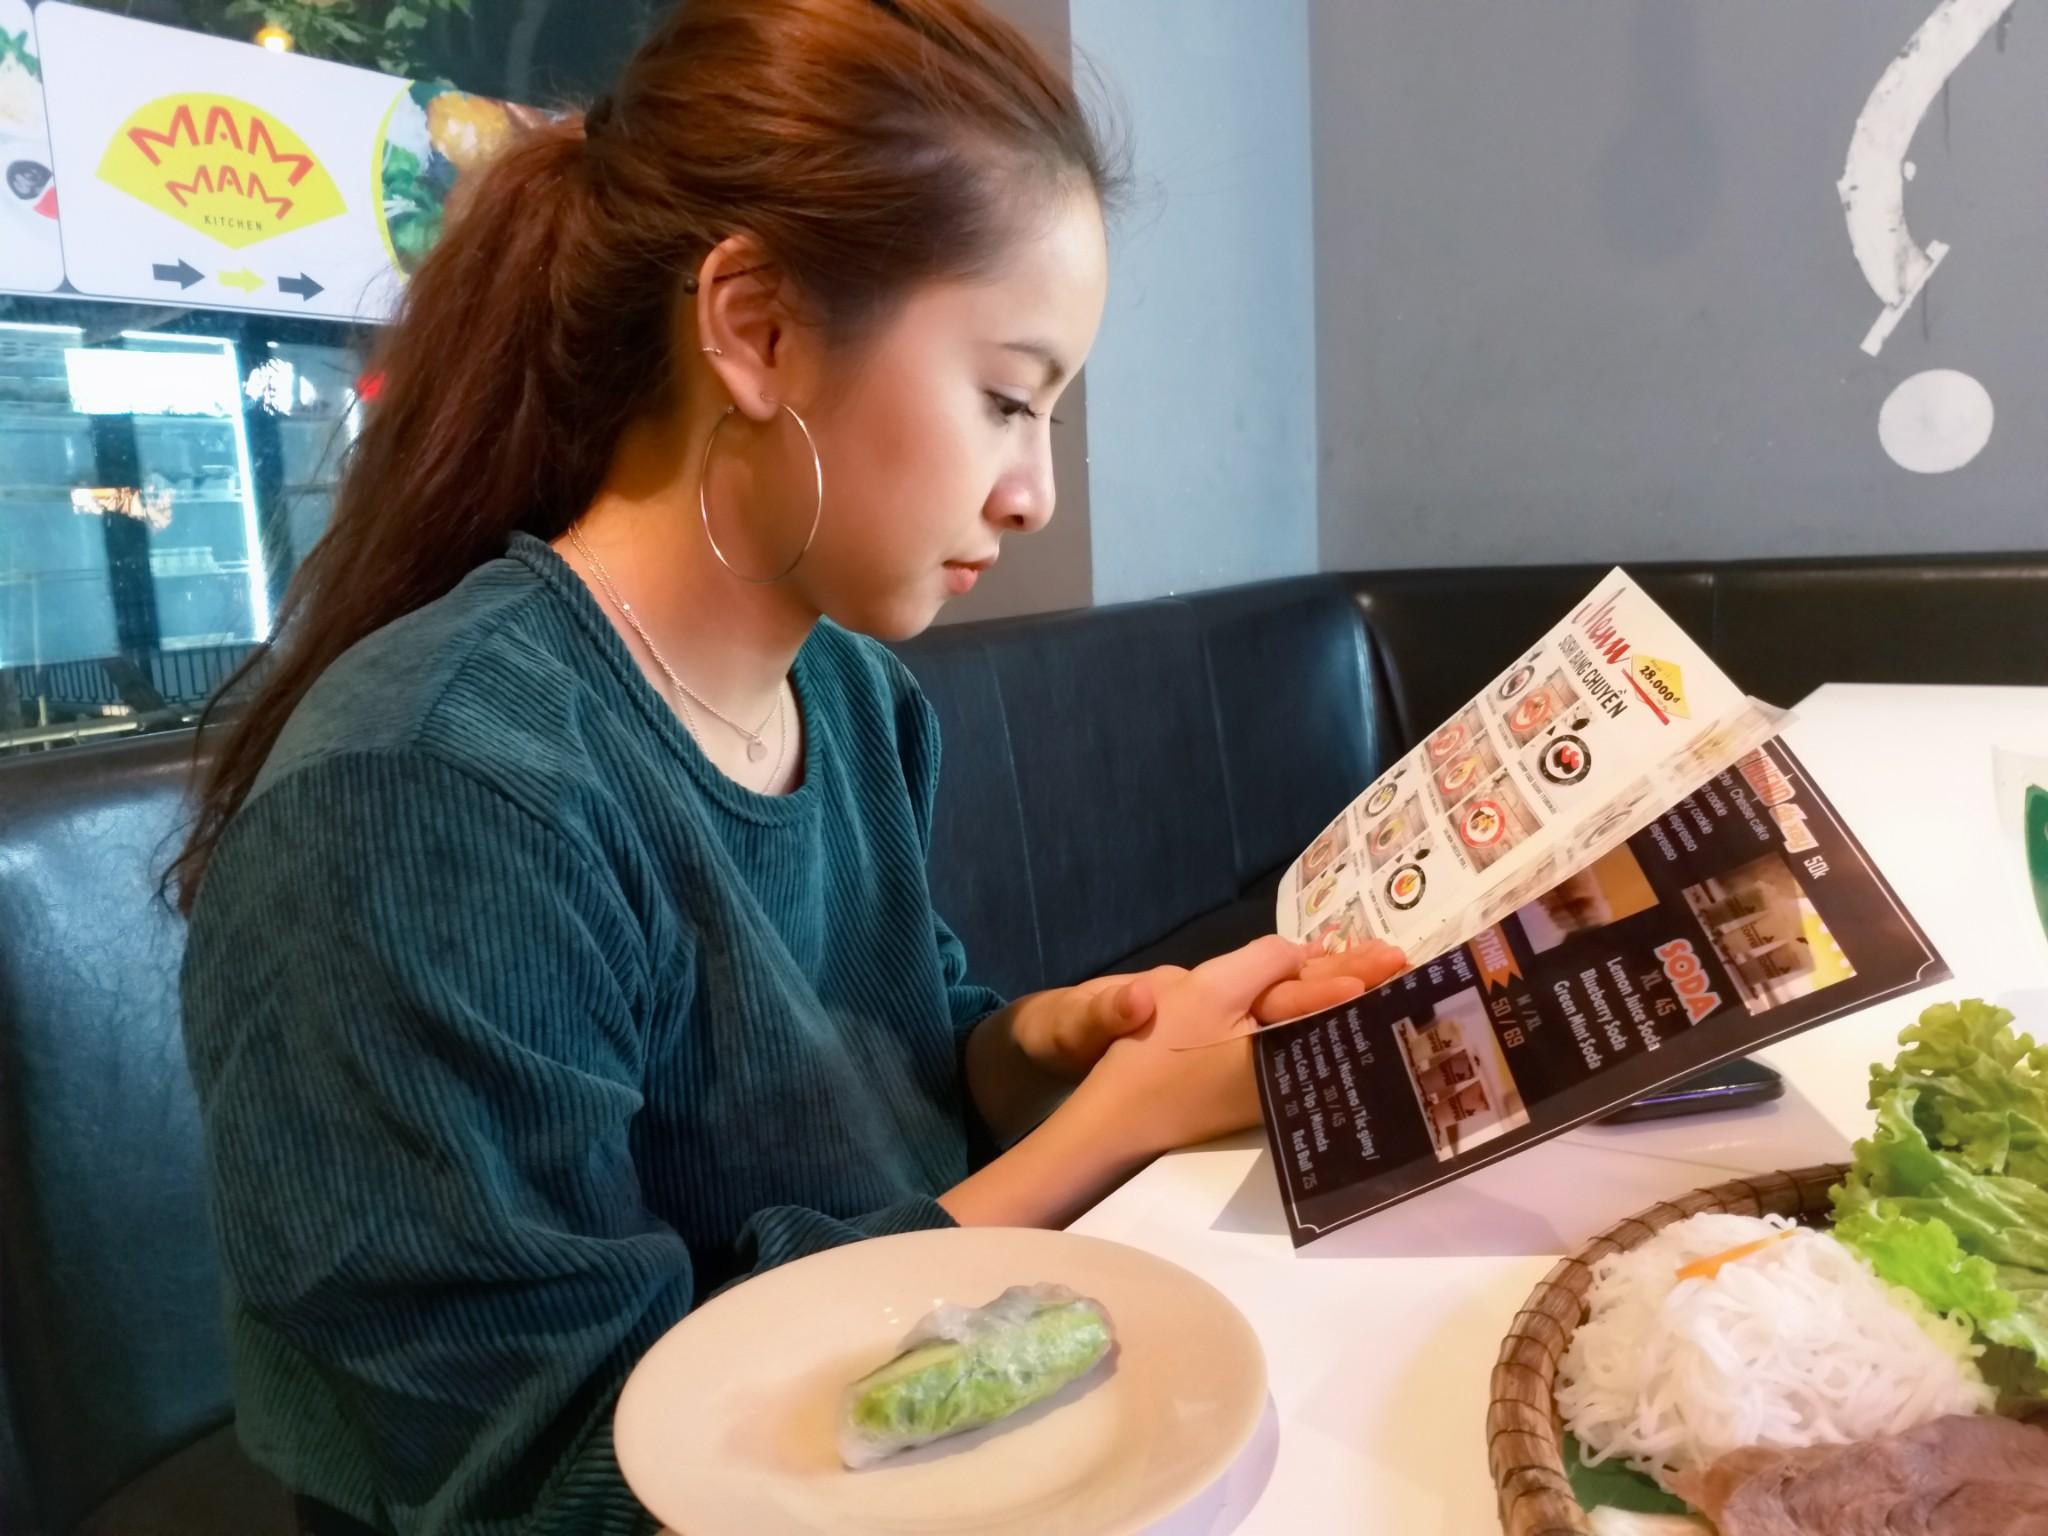 """Dạo chơi, ăn tối cùng cô bạn gái xinh xắn và những góc chụp giúp thần thánh giúp cô ấy """"mê mệt"""" hình 4"""